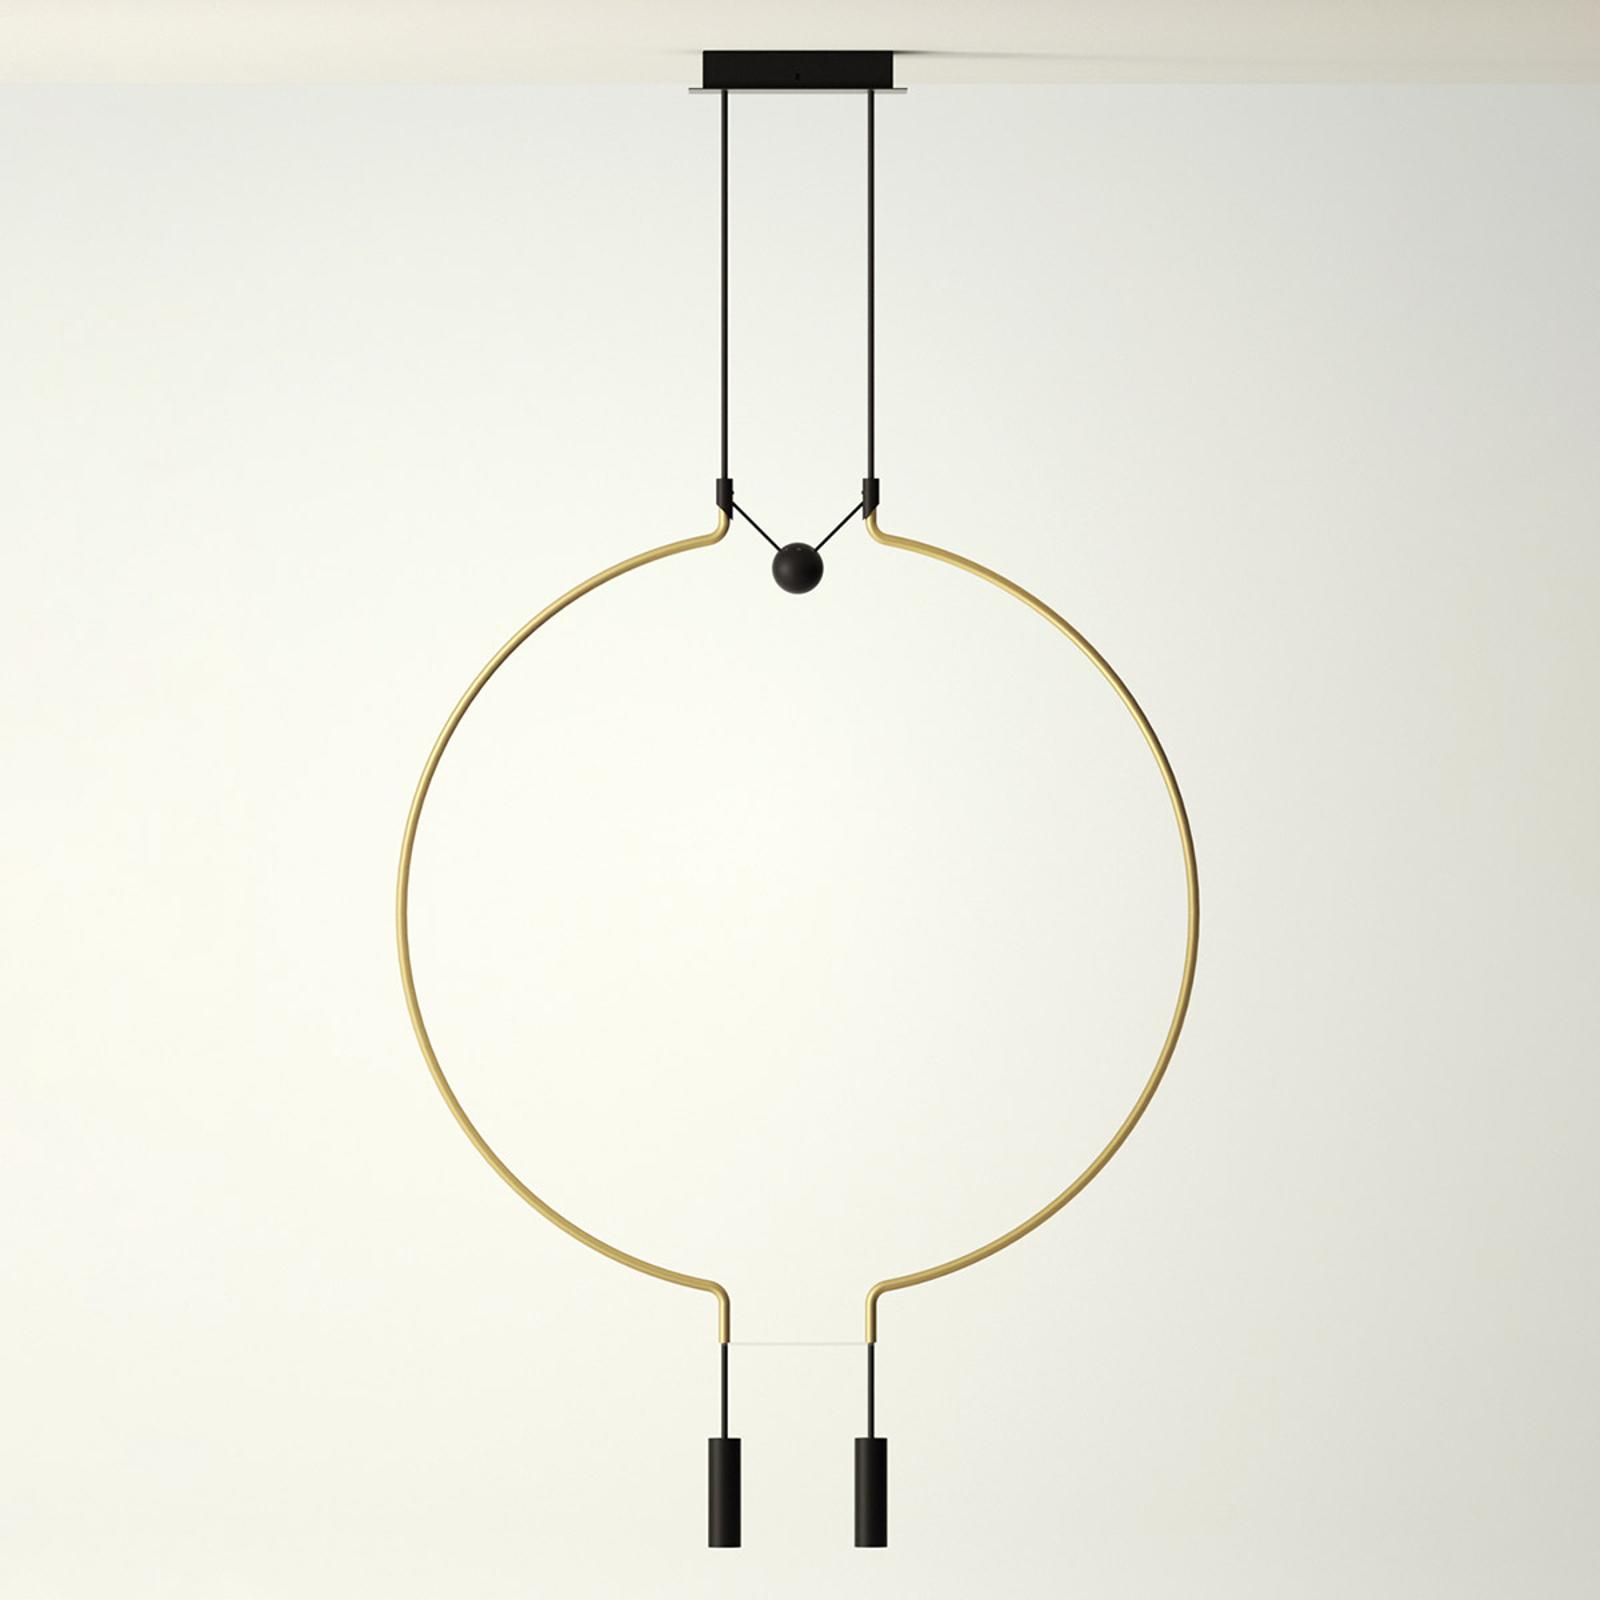 Axolight Liaison M2 hanglamp goud/zwart 84cm